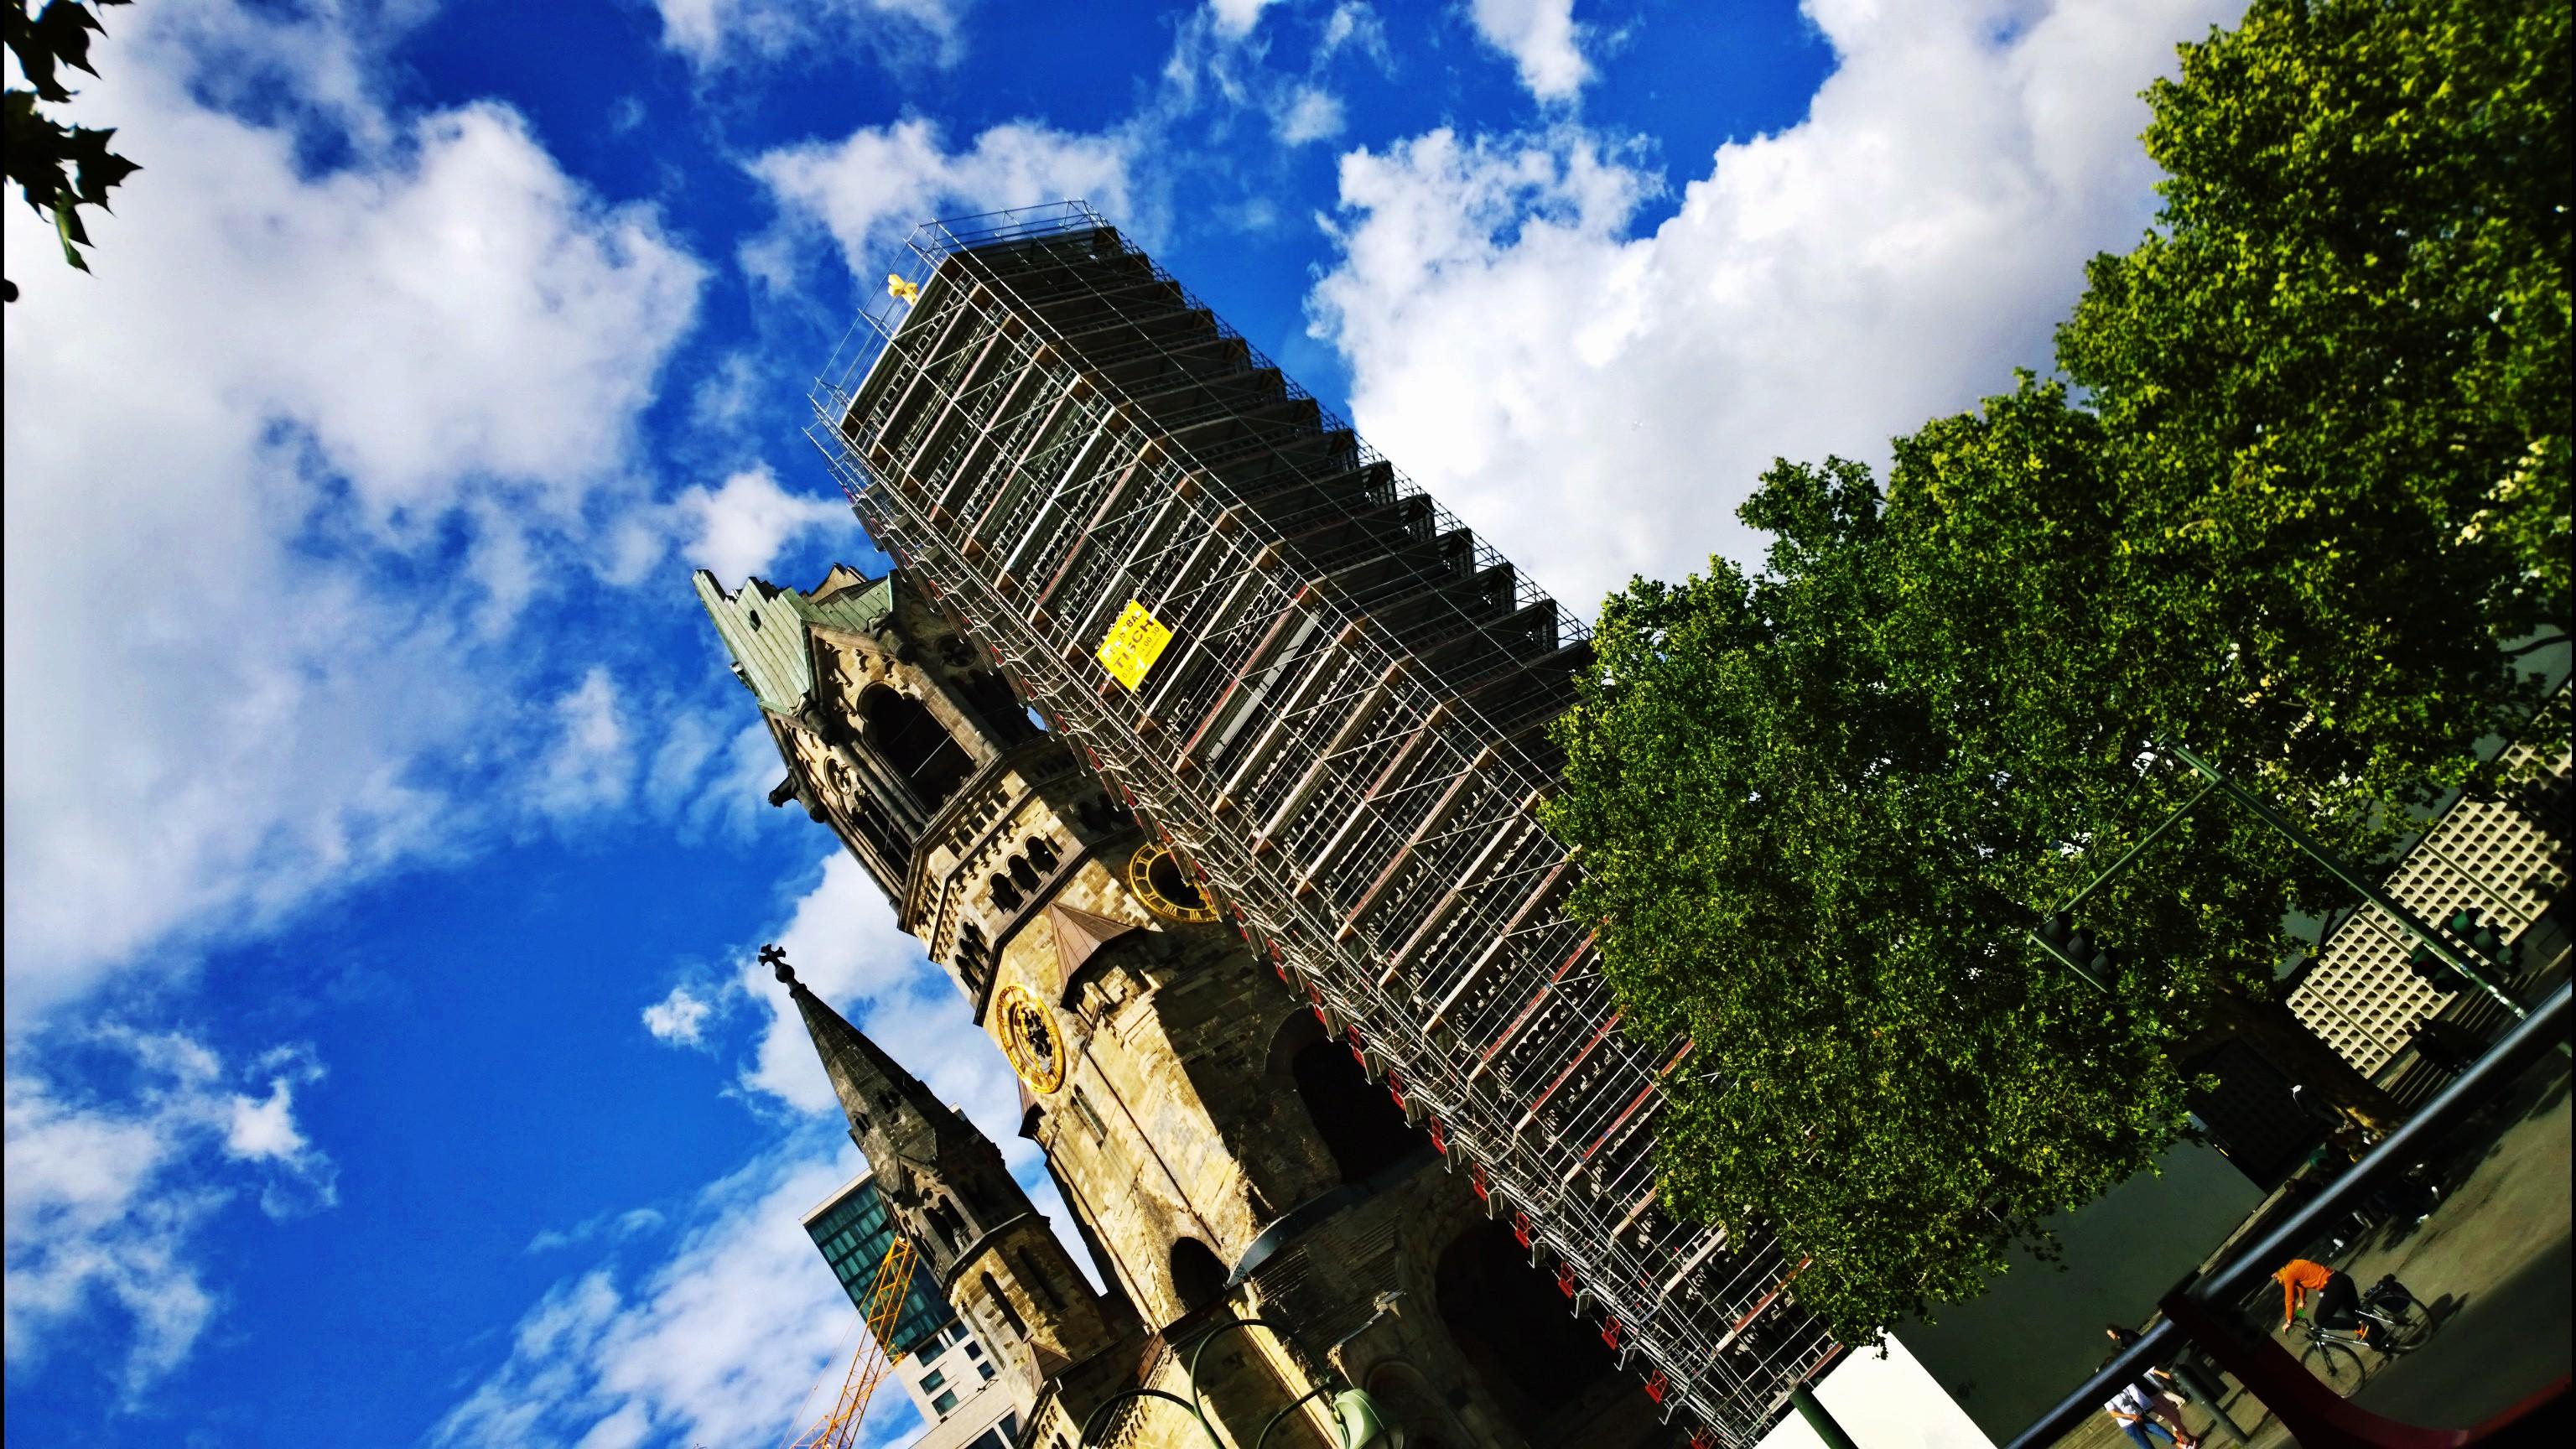 Katedrala podignuta u čast kajzera Viljema